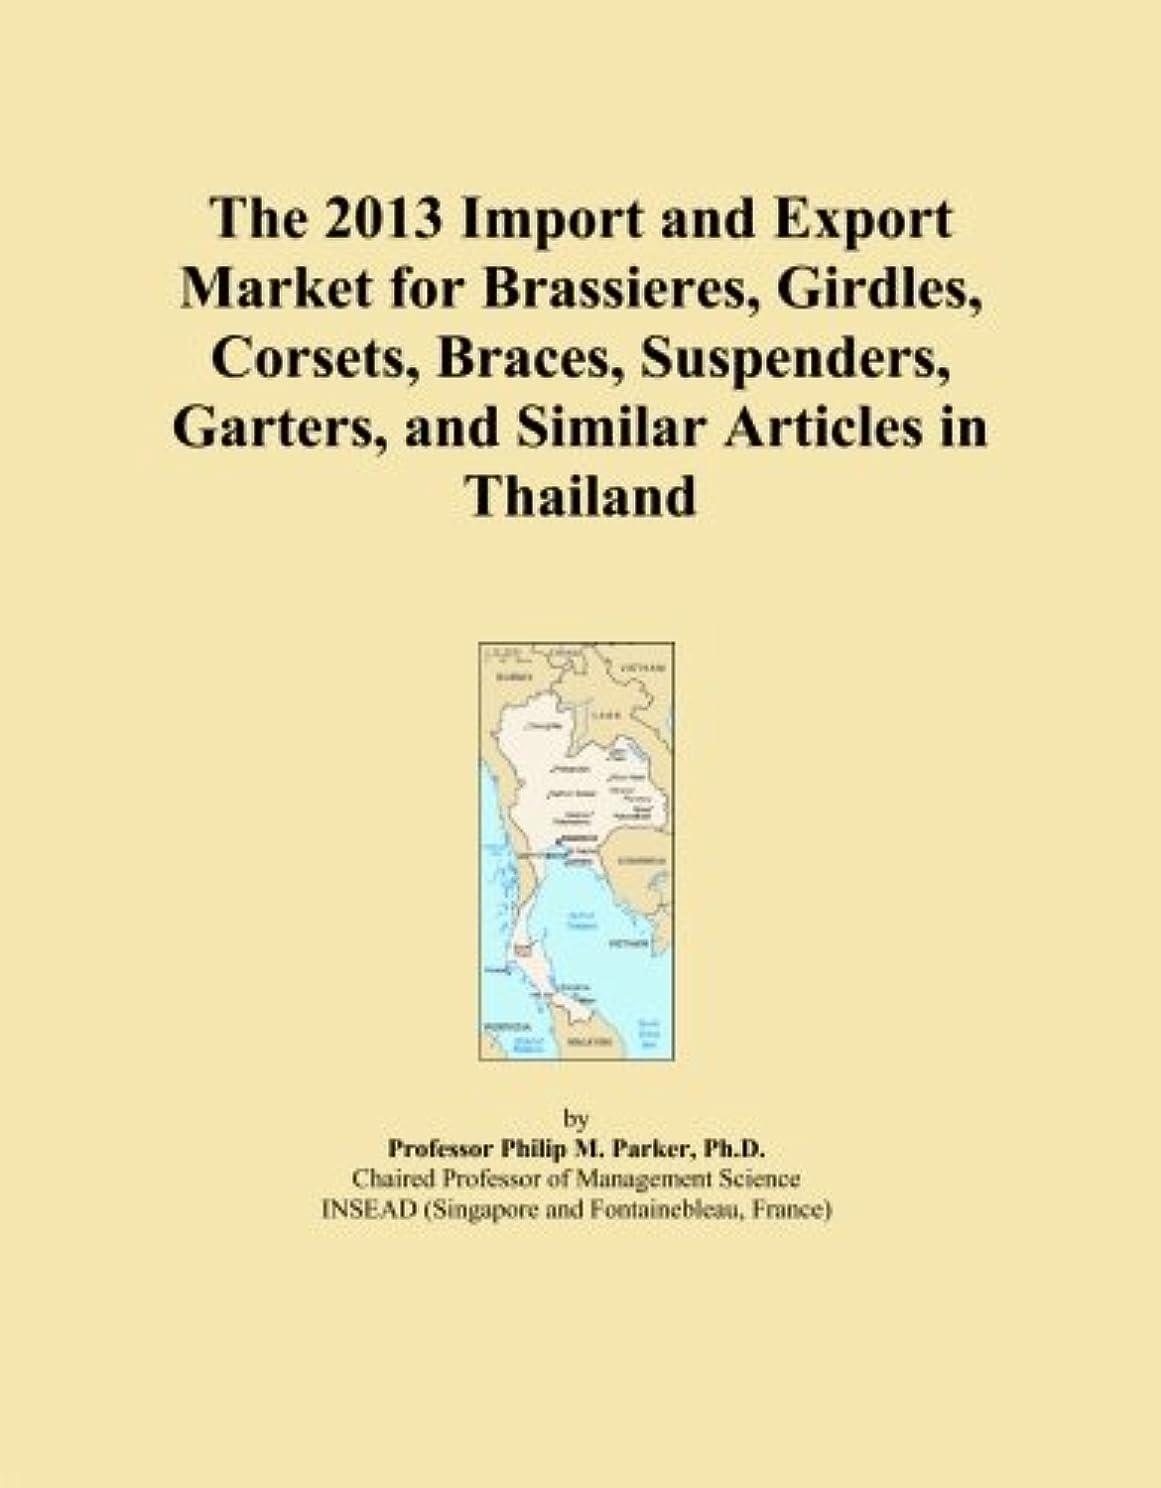 汚染する日焼け踏み台The 2013 Import and Export Market for Brassieres, Girdles, Corsets, Braces, Suspenders, Garters, and Similar Articles in Thailand